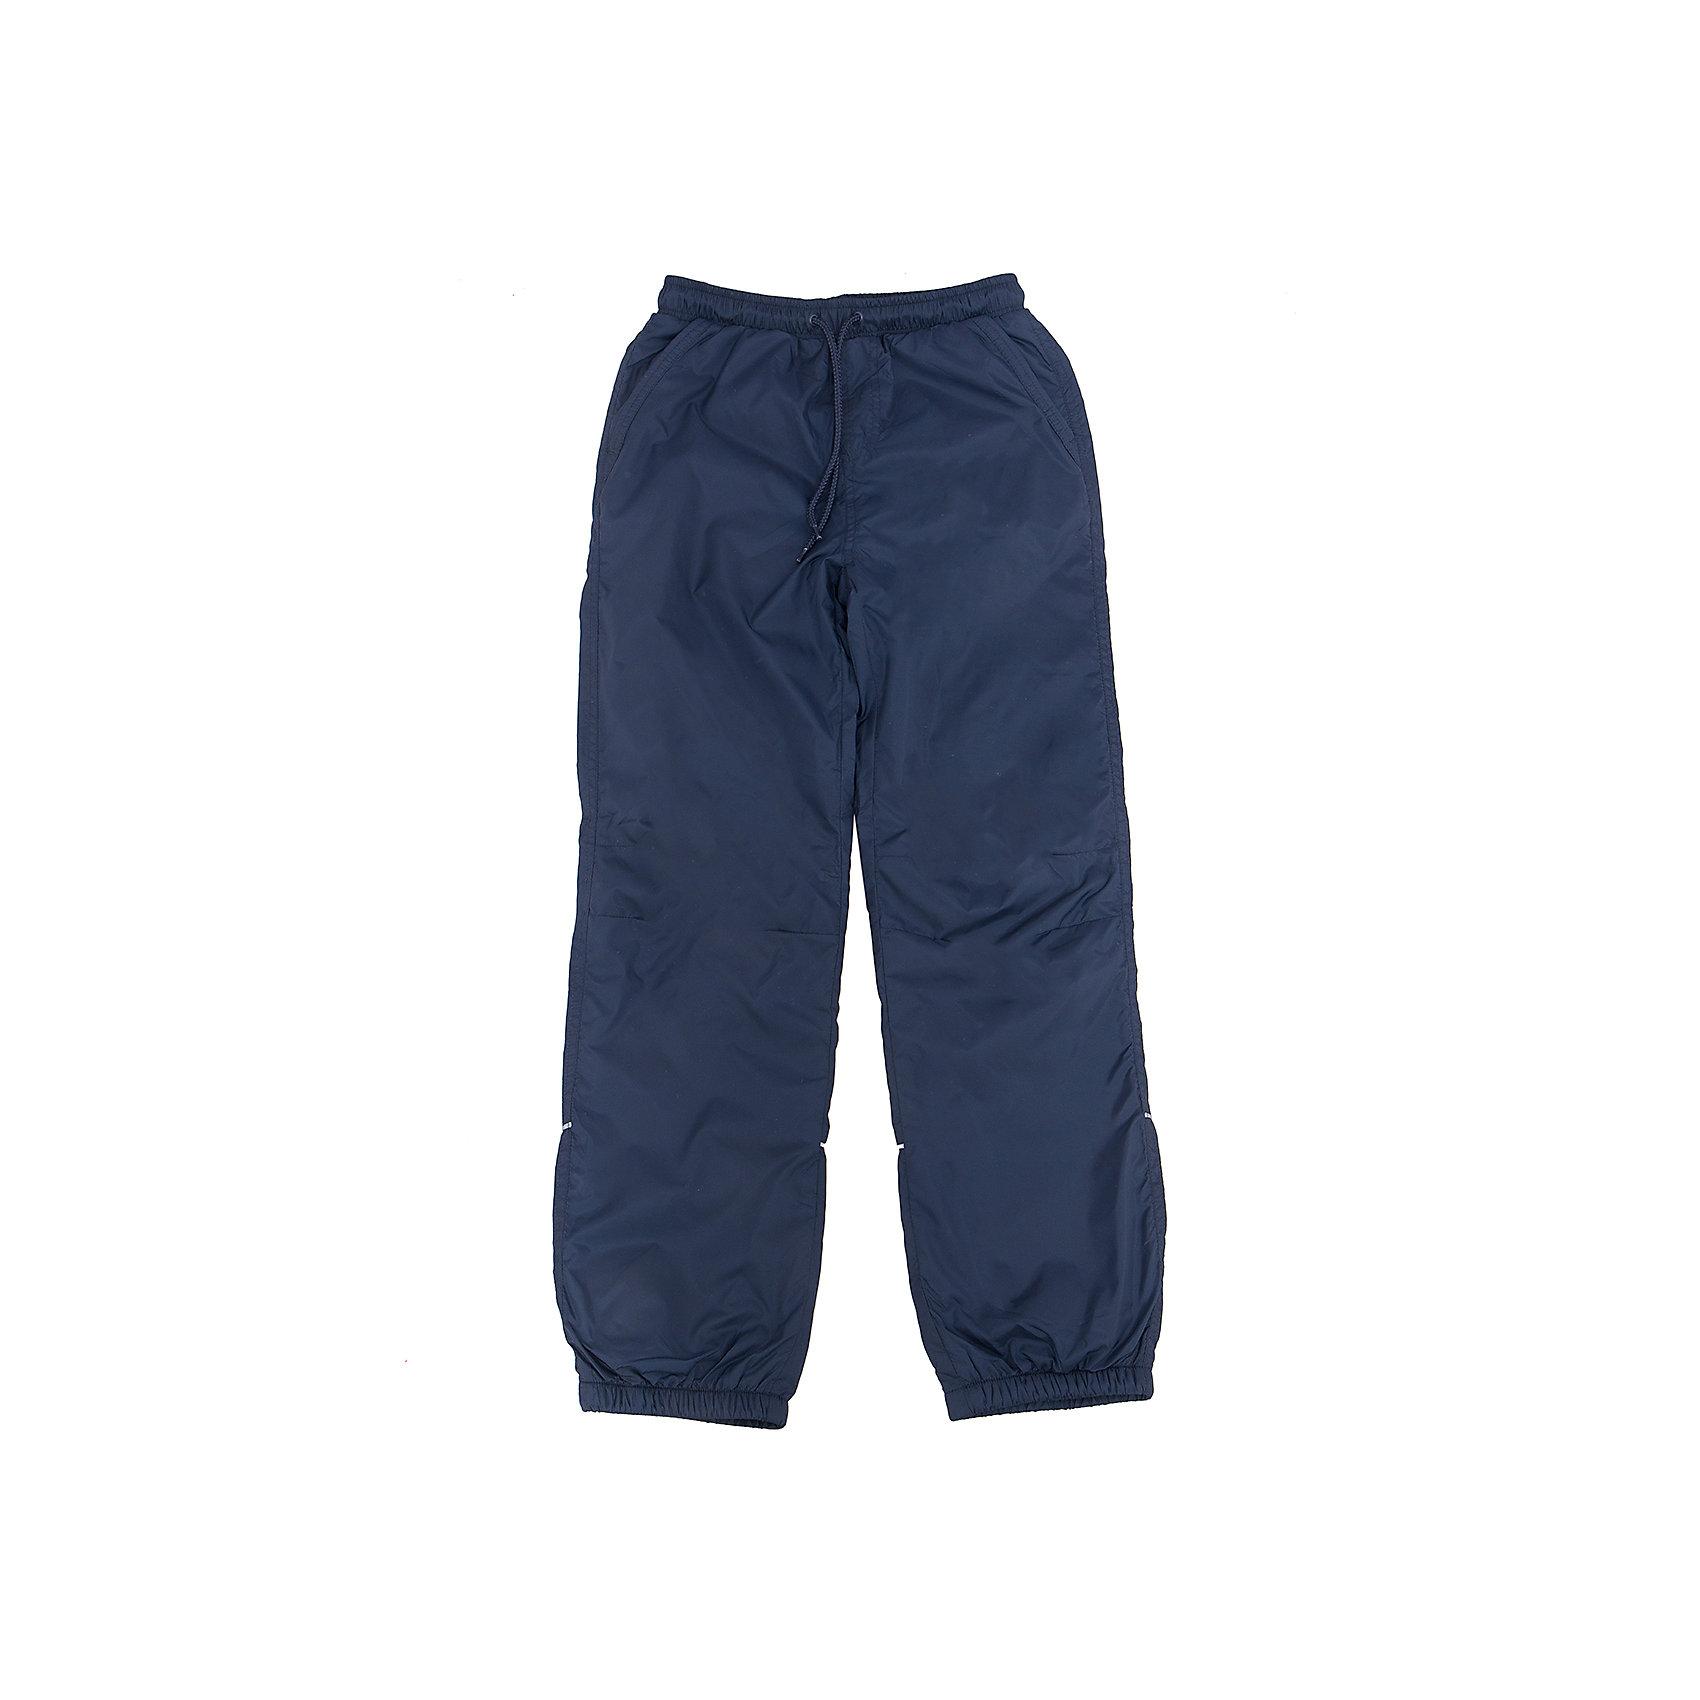 Брюки для мальчика SELAСпортивная одежда<br>Характеристики товара:<br><br>• цвет: тёмно-синий<br>• состав: верх: 100% полиэстер, подкладка: 100% полиэстер<br>• температурный режим: от +5° до +15°С<br>• подкладка флис<br>• спортивный стиль<br>• имитация ширинки<br>• светоотражающие детали<br>• два втачных кармана<br>• сзади два накладных кармана на кнопке<br>• пояс: мягкая резинка со шнурком<br>• коллекция весна-лето 2017<br>• страна бренда: Российская Федерация<br><br>Вещи из новой коллекции SELA продолжают радовать удобством! Спортивные брюки помогут разнообразить гардероб и обеспечить комфорт. Они отлично сочетаются с майками, футболками, куртками. В составе материала - натуральный хлопок.<br><br>Одежда, обувь и аксессуары от российского бренда SELA не зря пользуются большой популярностью у детей и взрослых! Модели этой марки - стильные и удобные, цена при этом неизменно остается доступной. Для их производства используются только безопасные, качественные материалы и фурнитура. Новая коллекция поддерживает хорошие традиции бренда! <br><br>Брюки для мальчика от популярного бренда SELA (СЕЛА) можно купить в нашем интернет-магазине.<br><br>Ширина мм: 215<br>Глубина мм: 88<br>Высота мм: 191<br>Вес г: 336<br>Цвет: синий<br>Возраст от месяцев: 108<br>Возраст до месяцев: 120<br>Пол: Мужской<br>Возраст: Детский<br>Размер: 140,134,128,122,152,146<br>SKU: 5302680